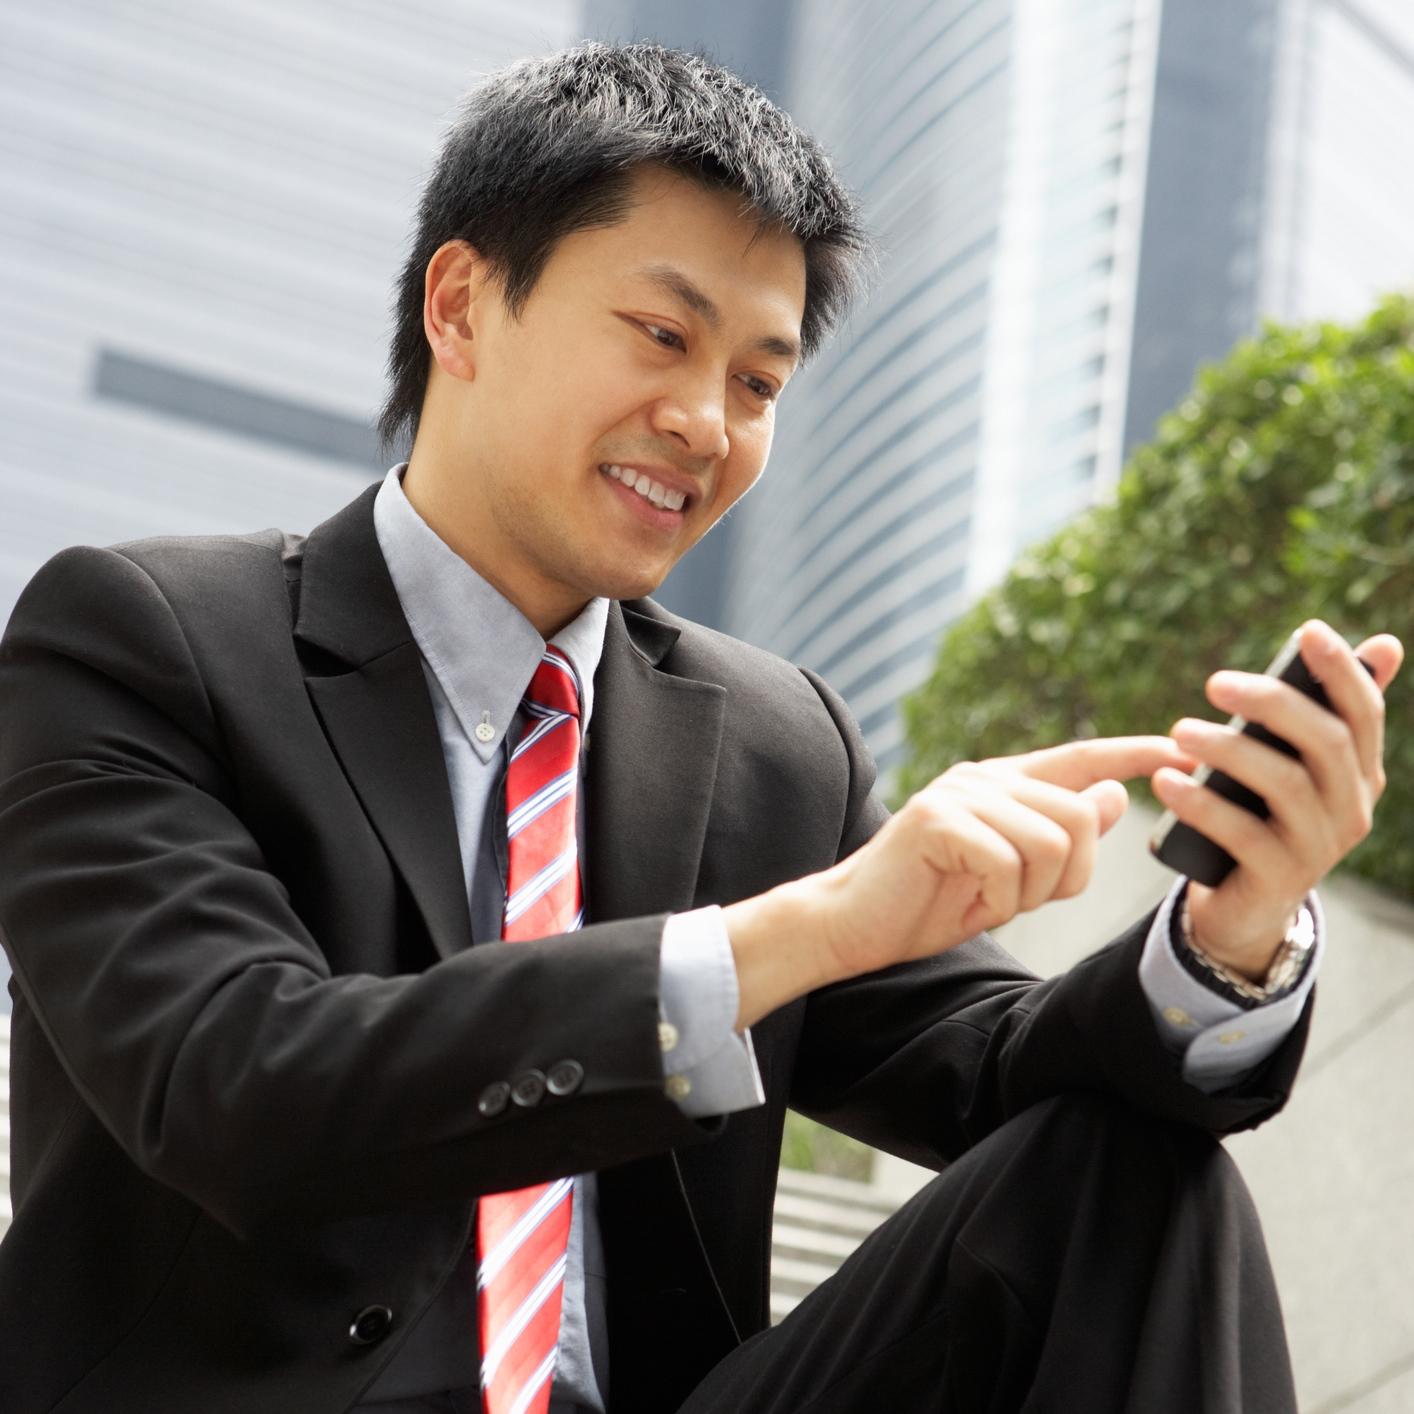 китаец бизнесмен фото необычное название имеет